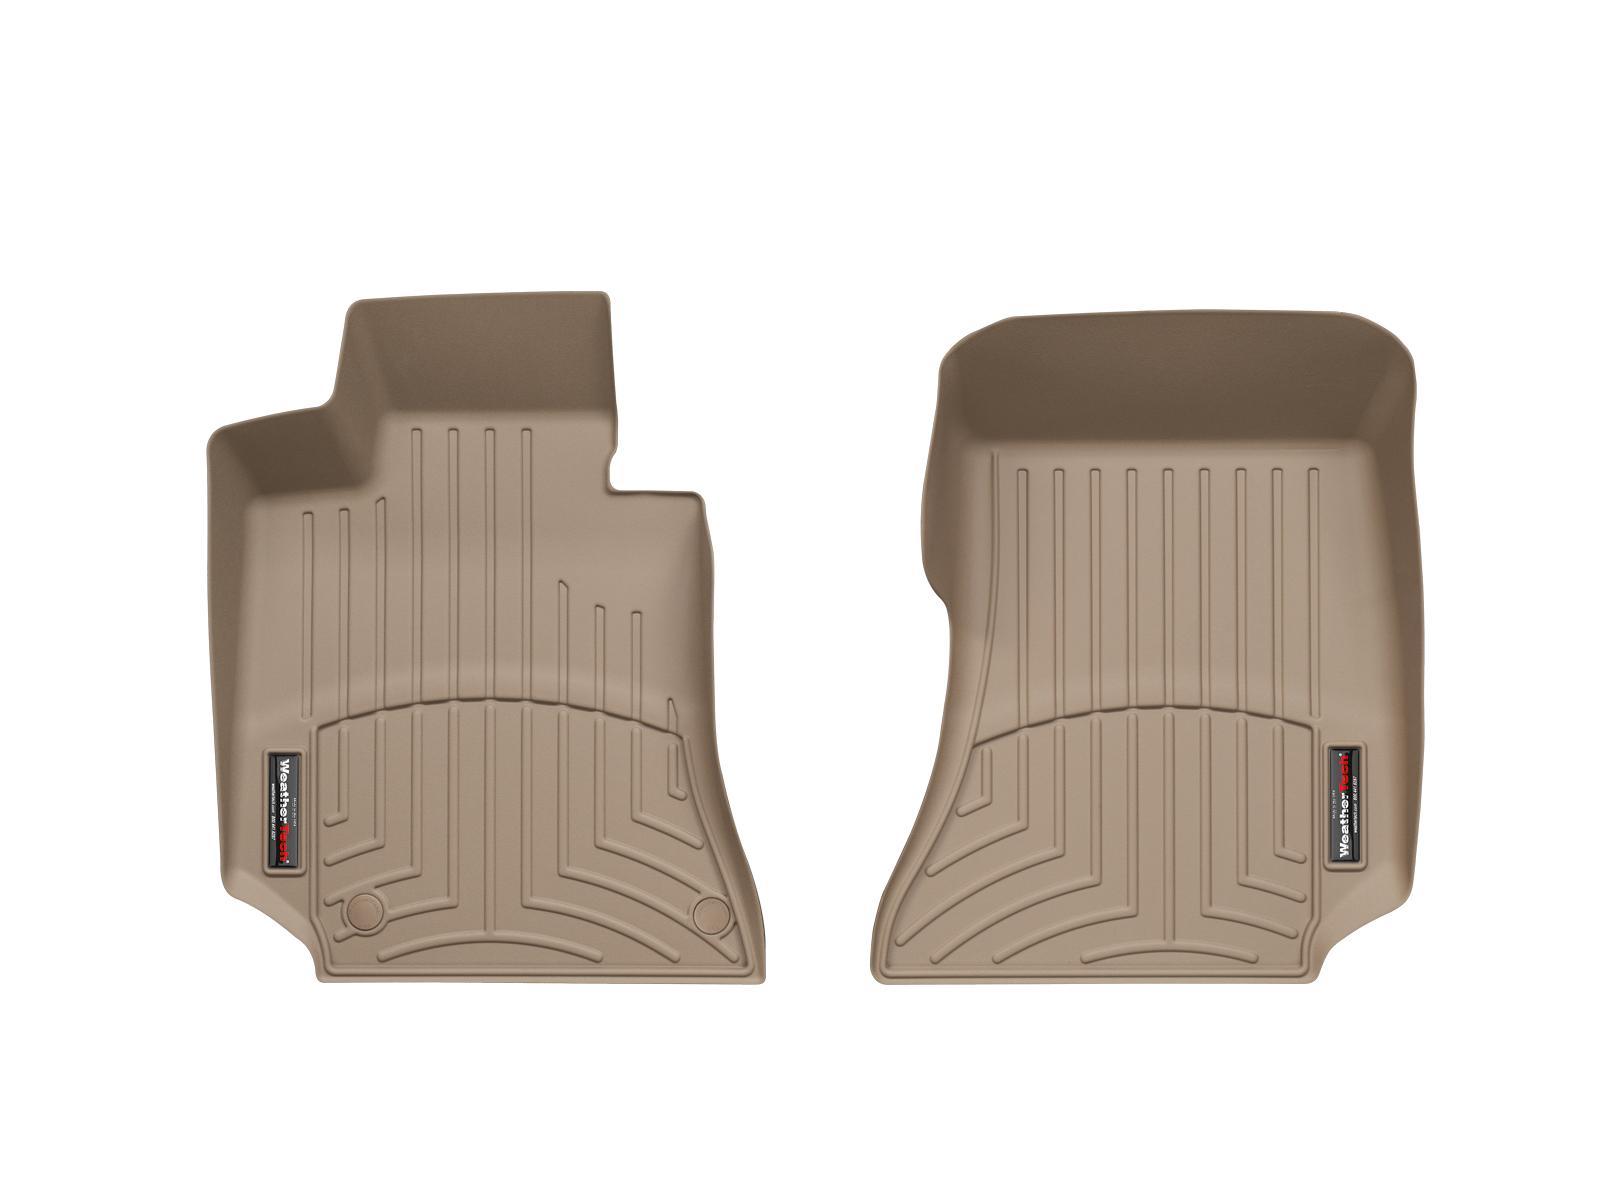 Tappeti gomma su misura bordo alto Mercedes CLS-Class 14>14 Marrone A2335*